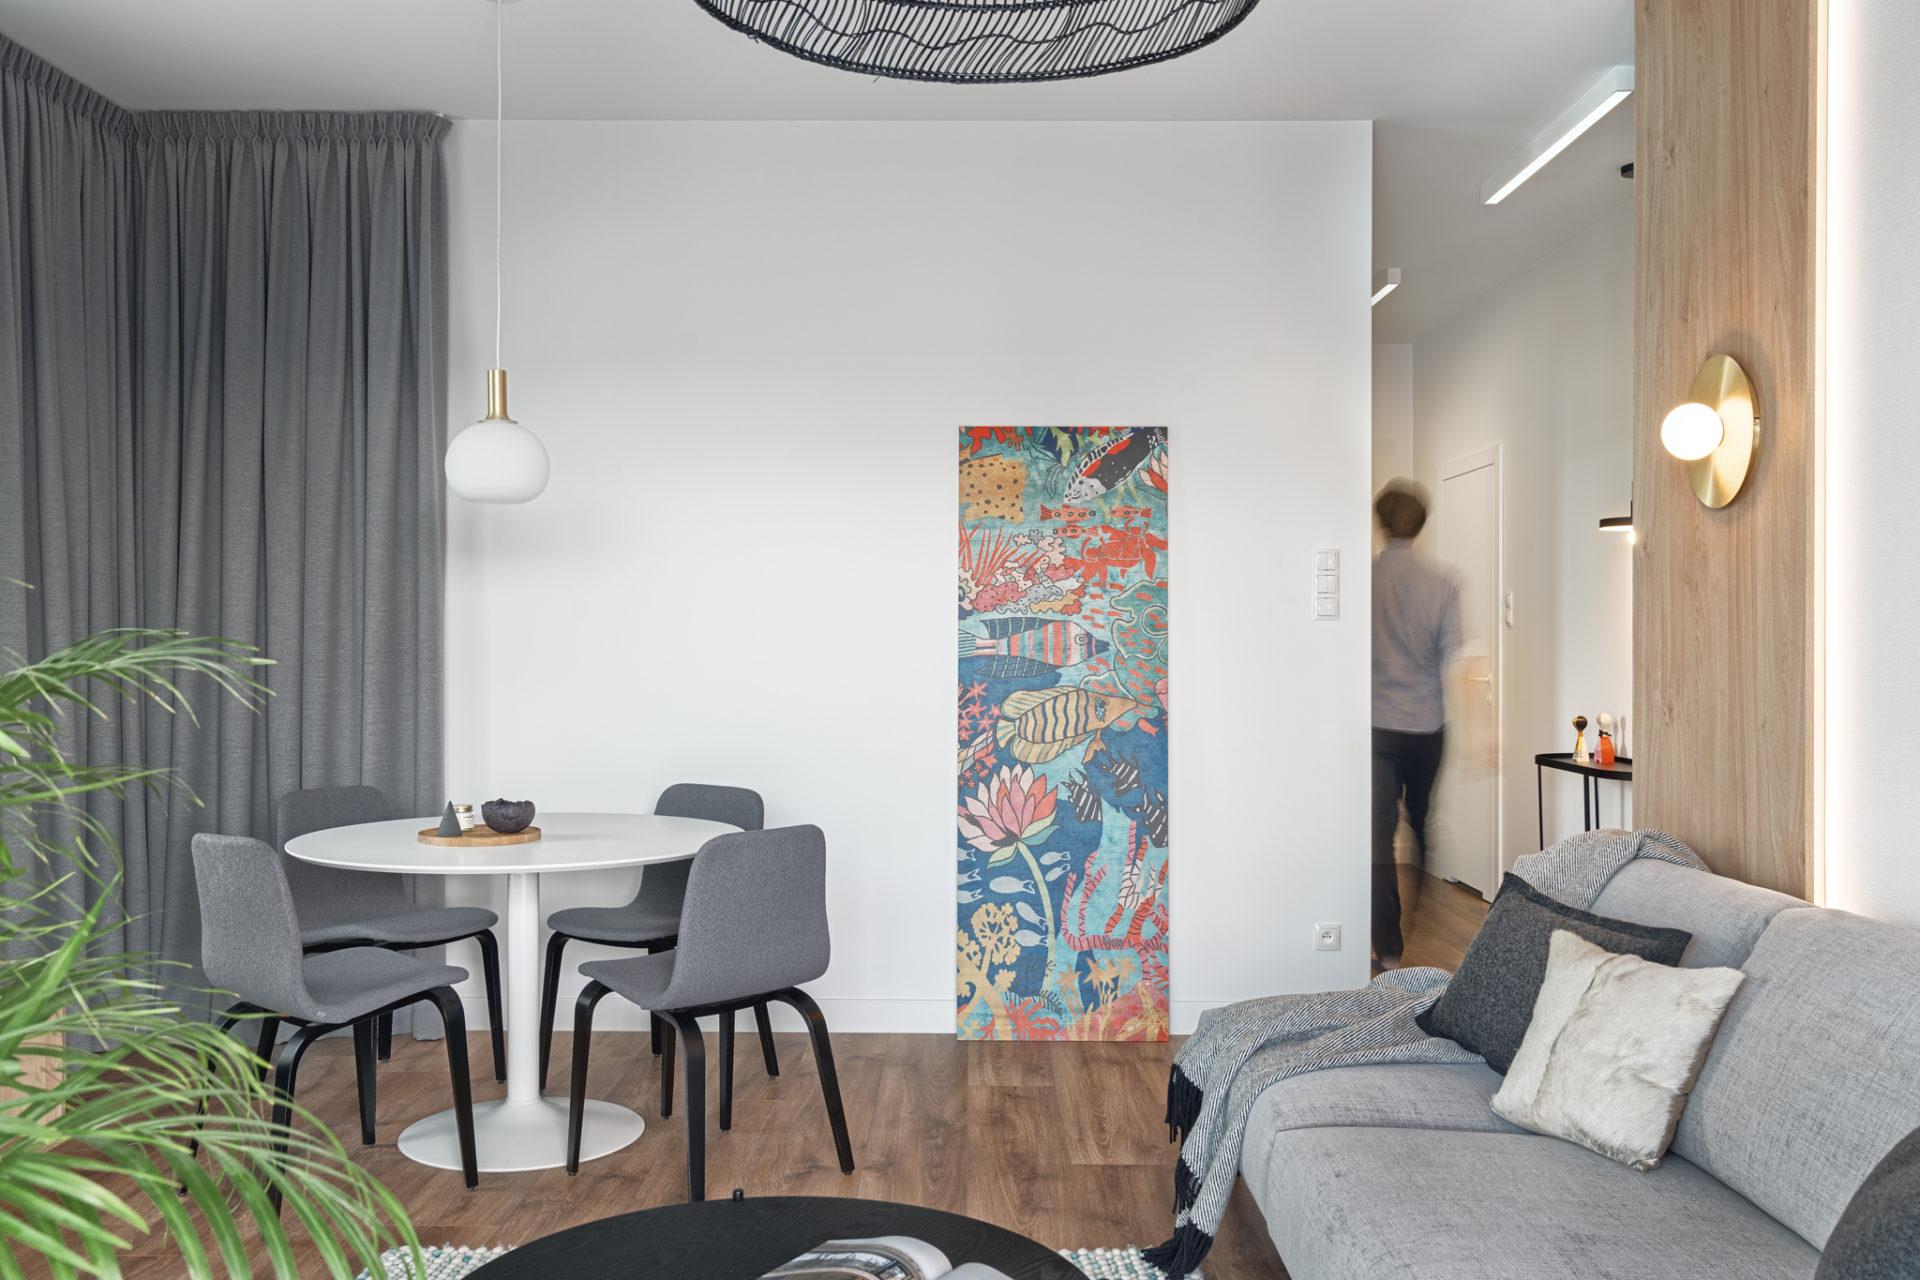 Apartament w Gdyni 2021 - 02